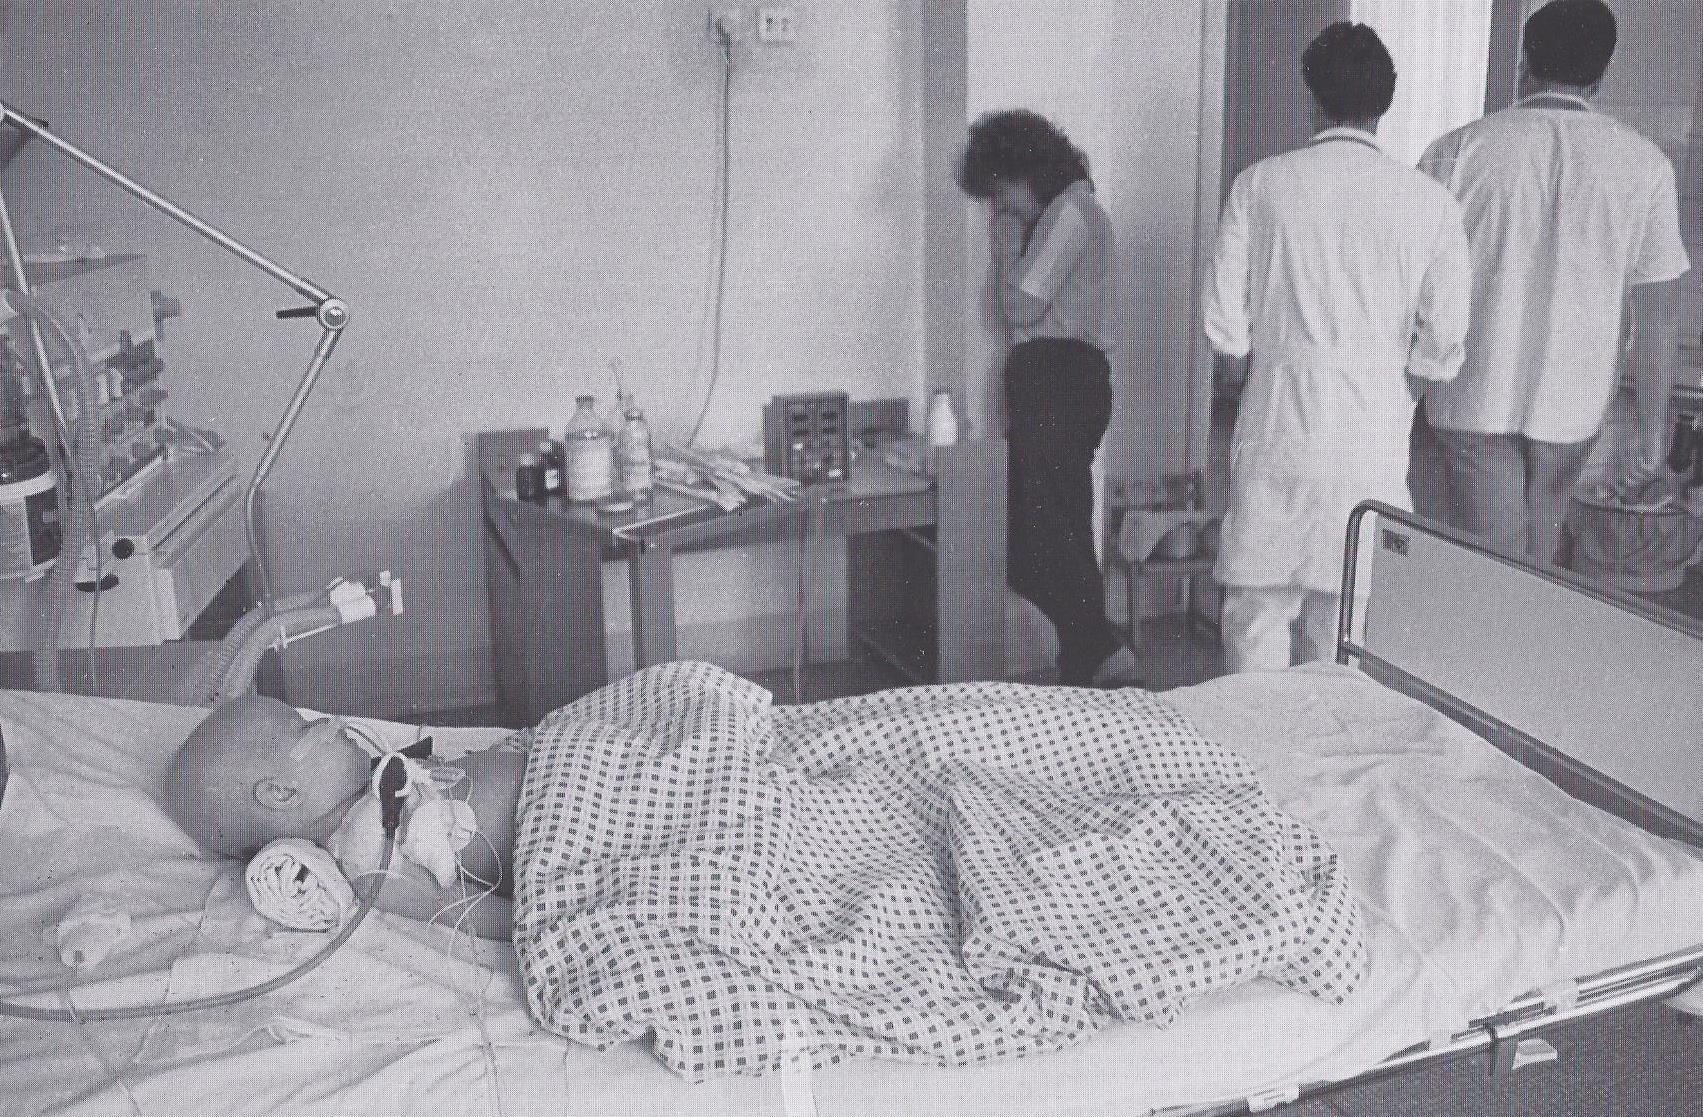 Die Ärzte gehen. Hoffnungslose Situation im Reanimationszimmer für Leukämie-Behandlung. (1993)